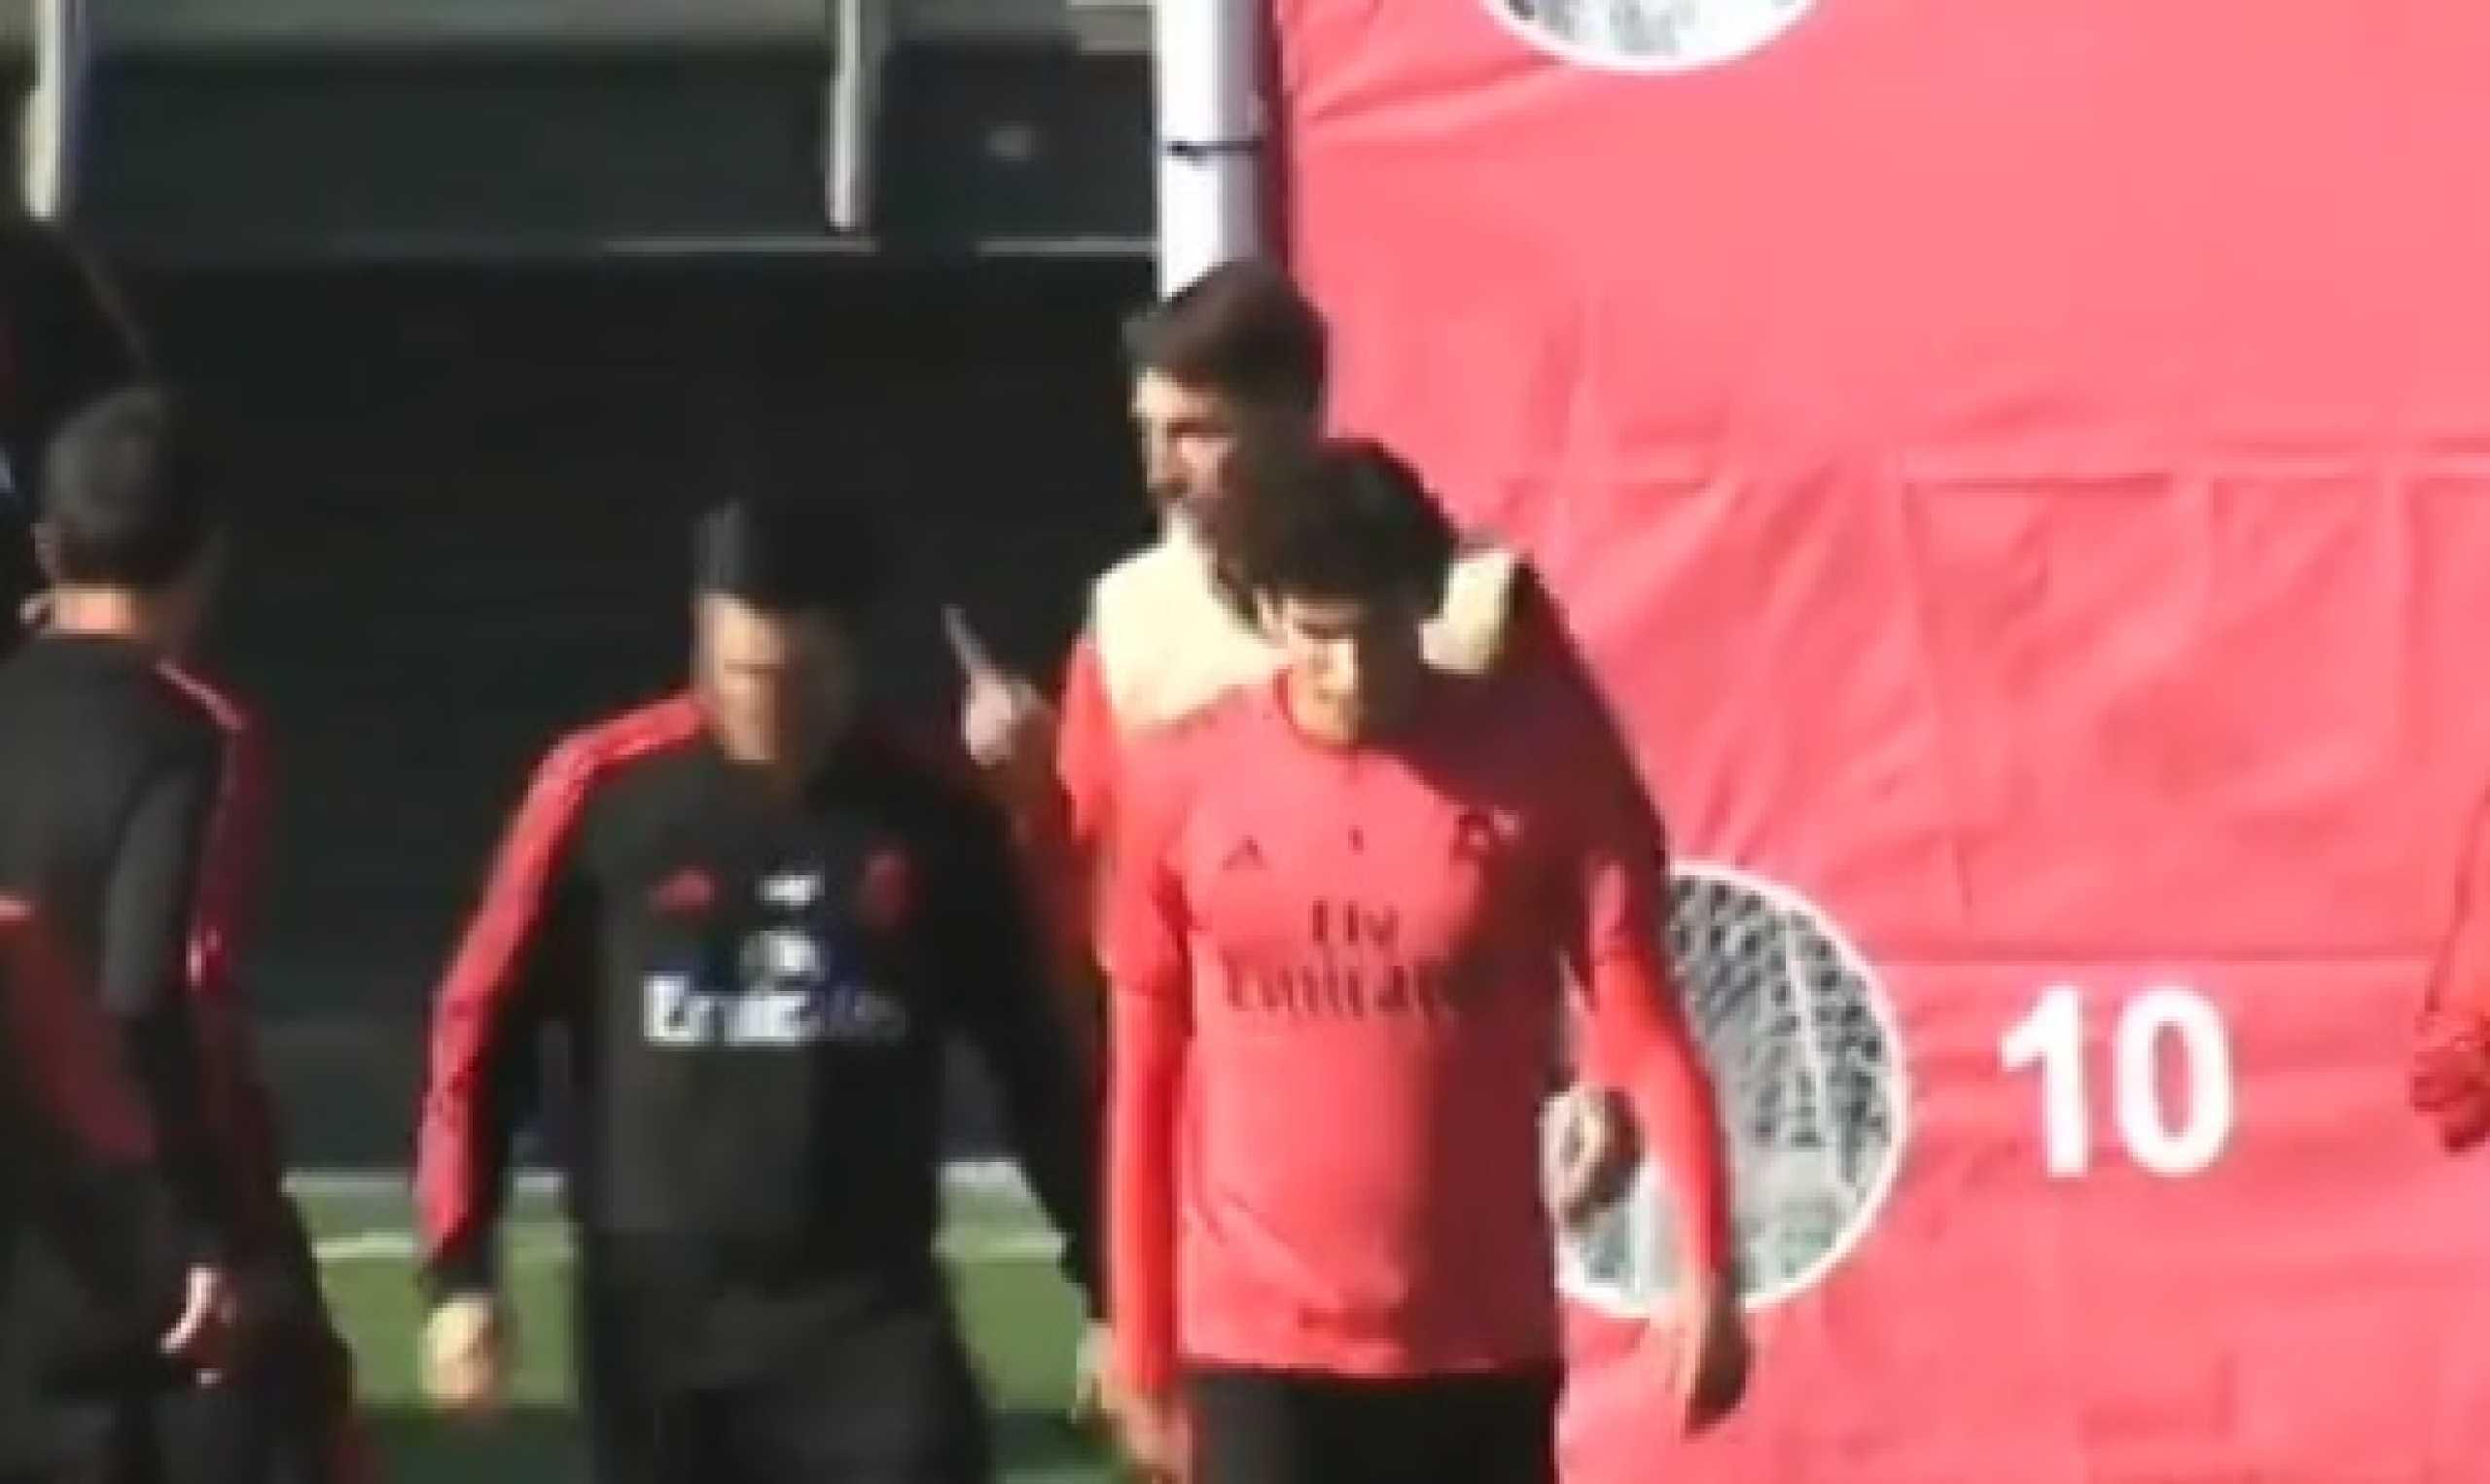 Ramos perde a cabeça durante o treino e chuta bola contra colega